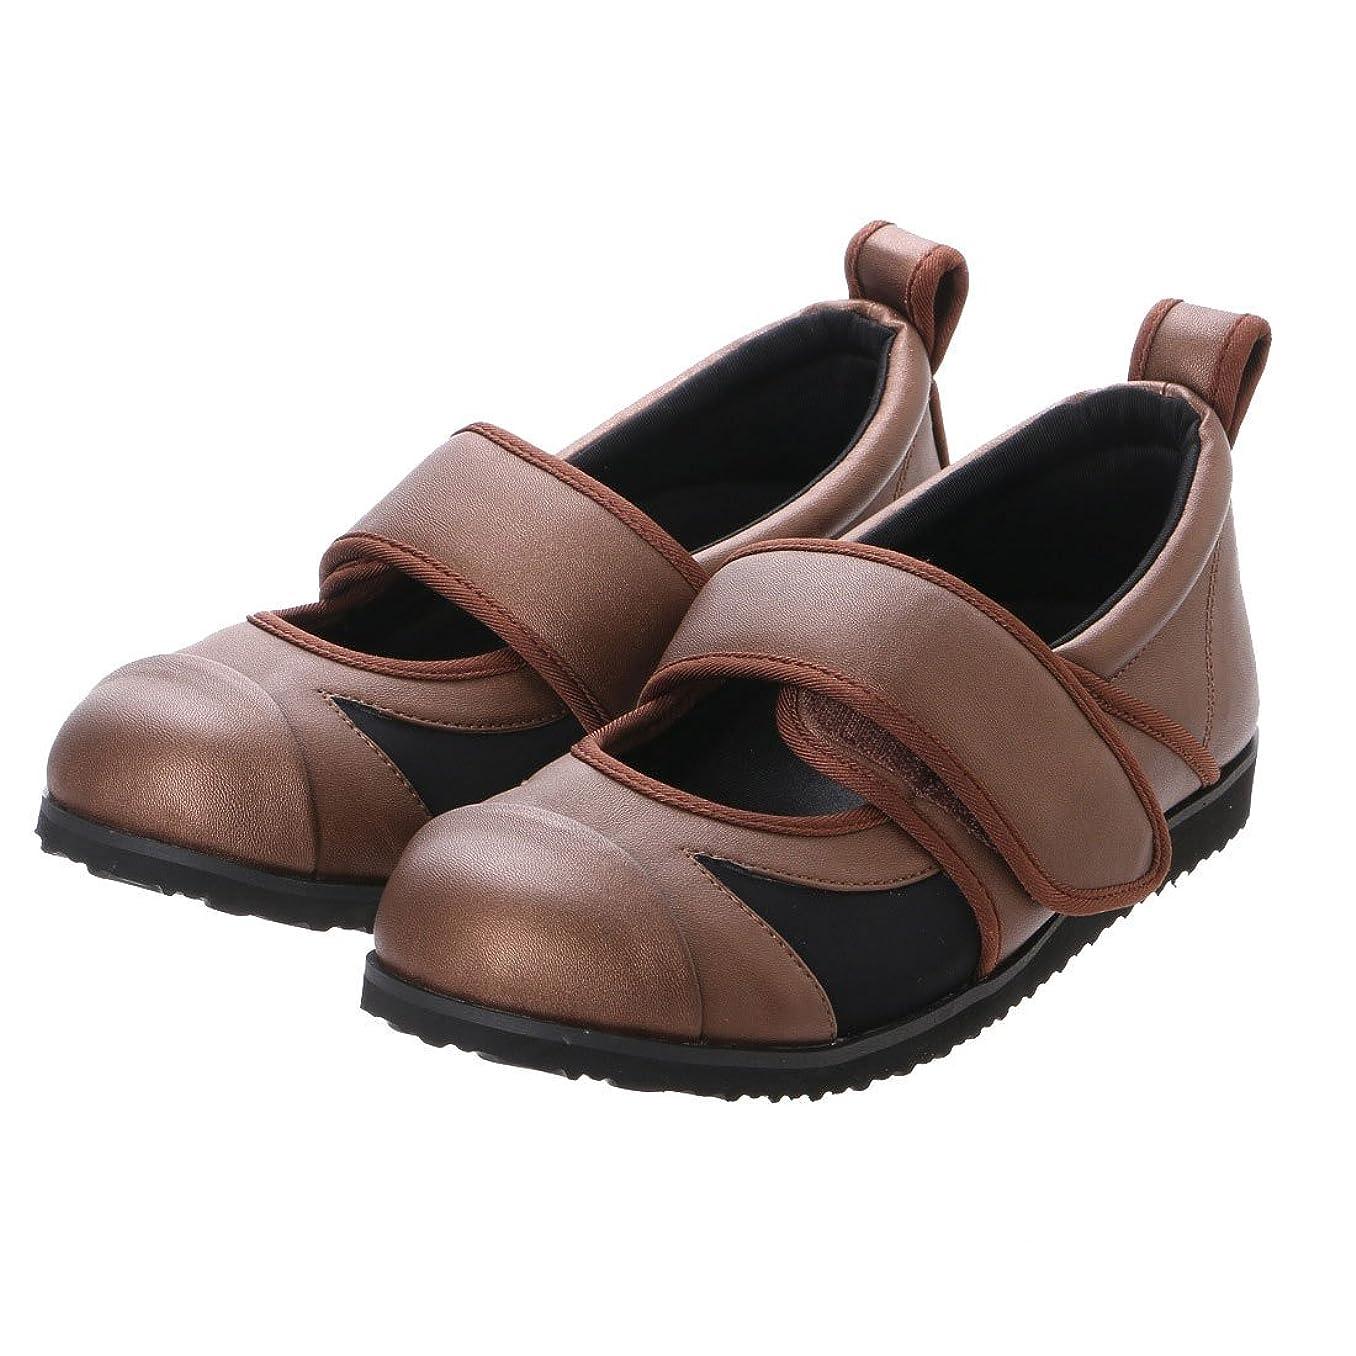 奴隷航海の請願者モダンテイストの万能選手。(クラース)シャルマン 婦人靴 ウェルネスシューズ コンフォートシューズ